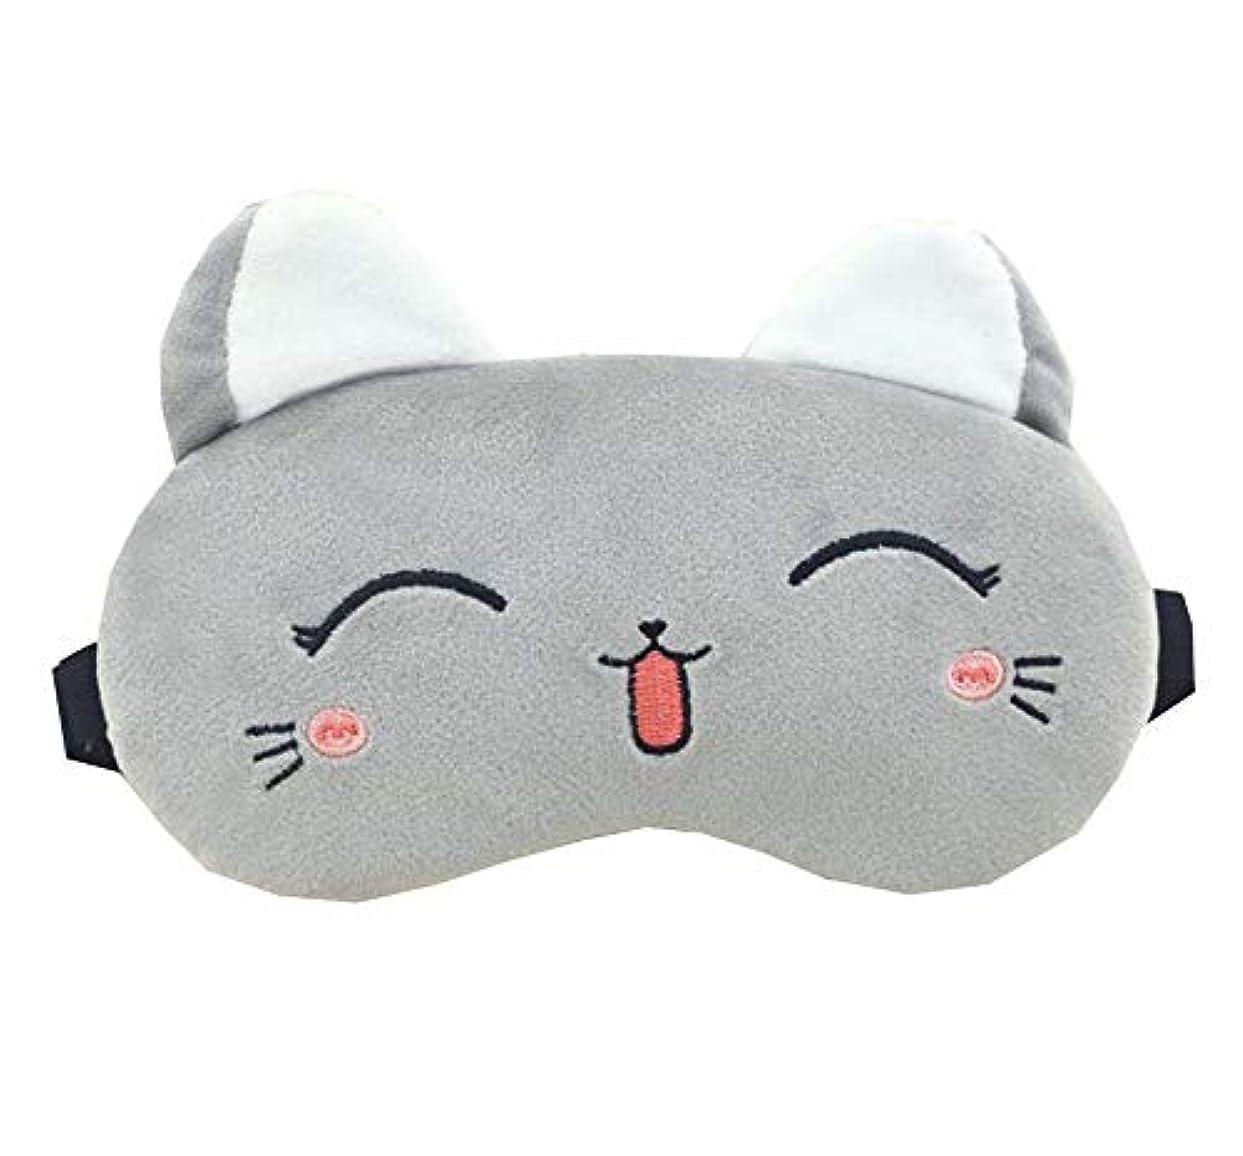 プレーヤーデッキ言うまでもなく女の子の旅行スリーピングアイシェード - 目隠しナップカバーアイマスクの改善睡眠、A